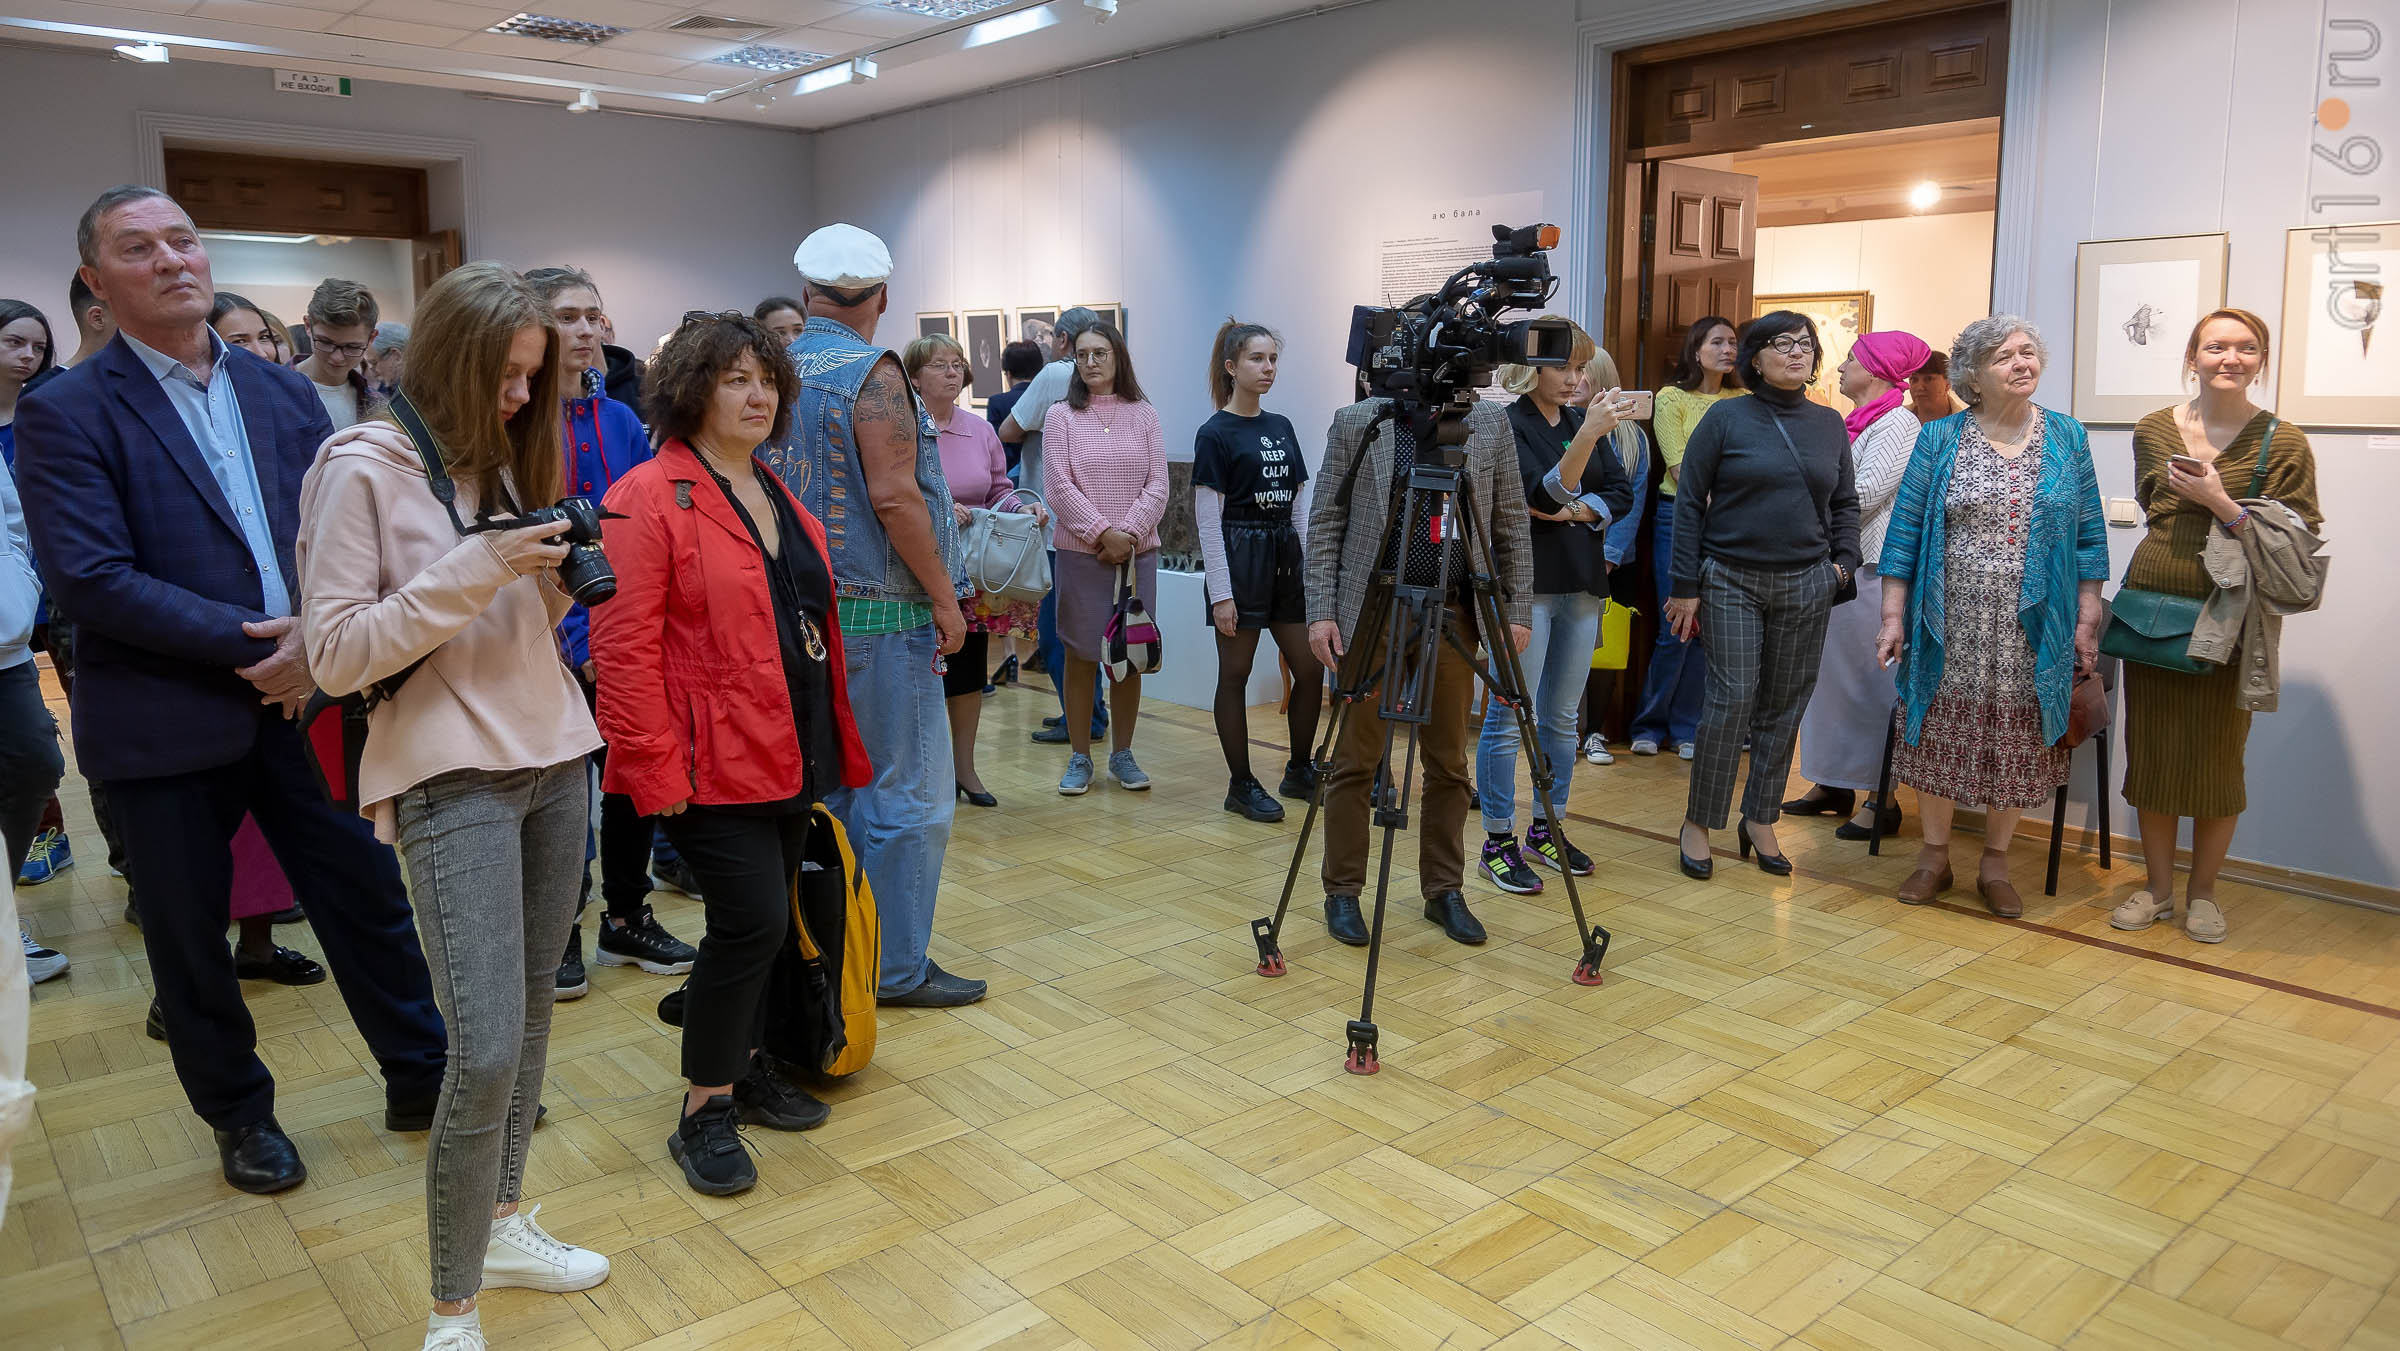 На открытии выставки Сабирова Альфиза «Аю бала»::Аю бала. Сабиров Альфиз. Выставка